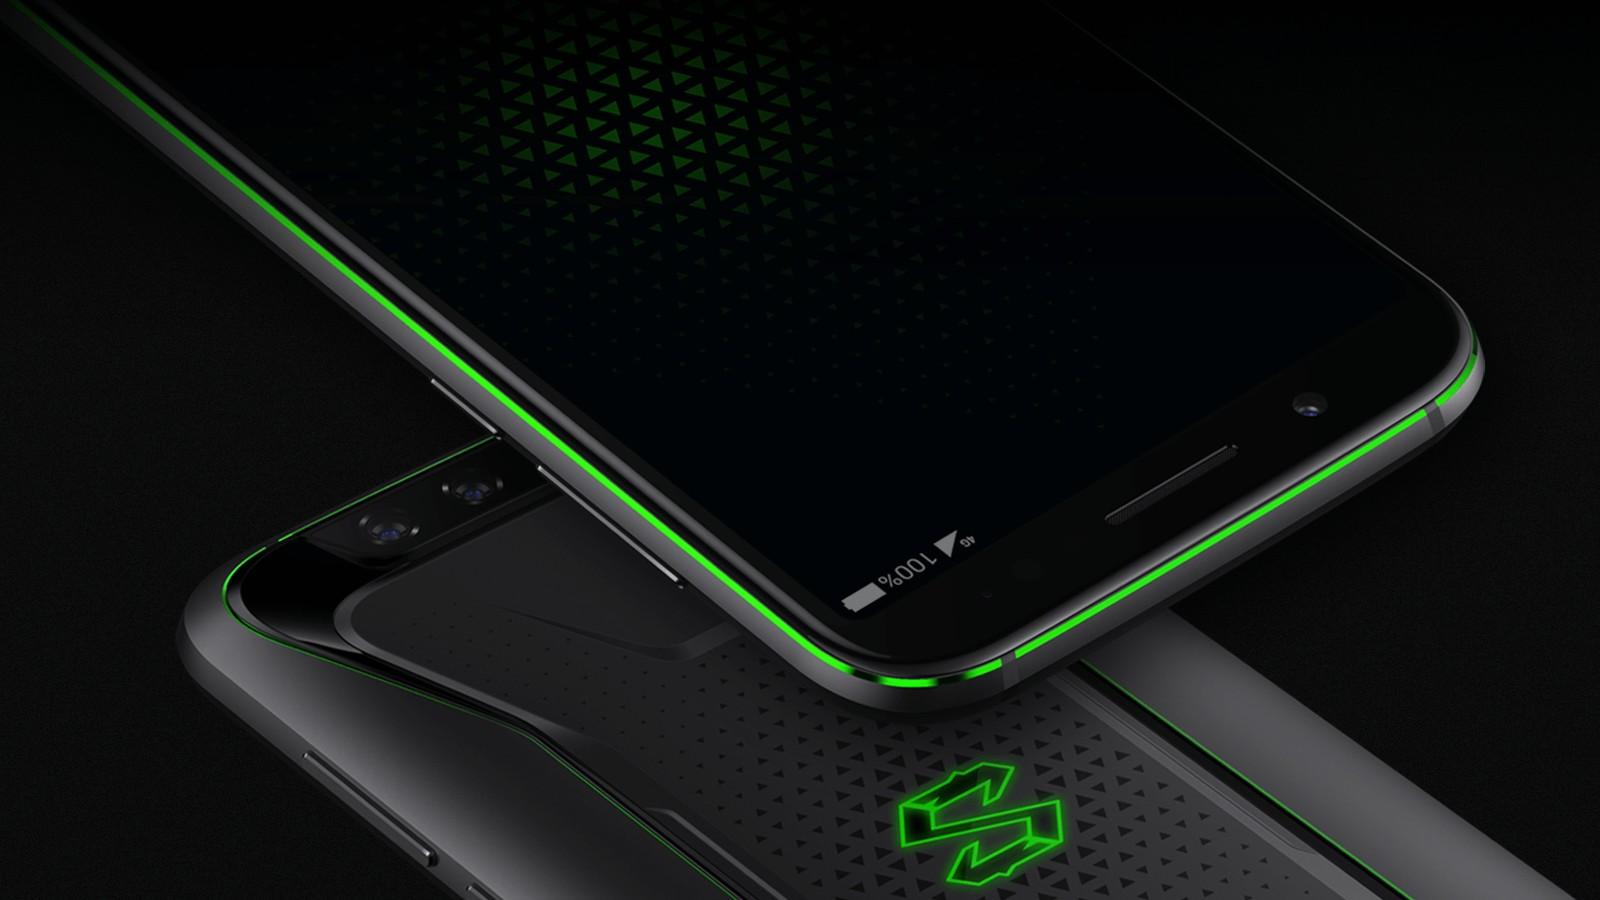 Další generace Xiaomi Black Shark může mít největší RAM na světě v rámci mobilů